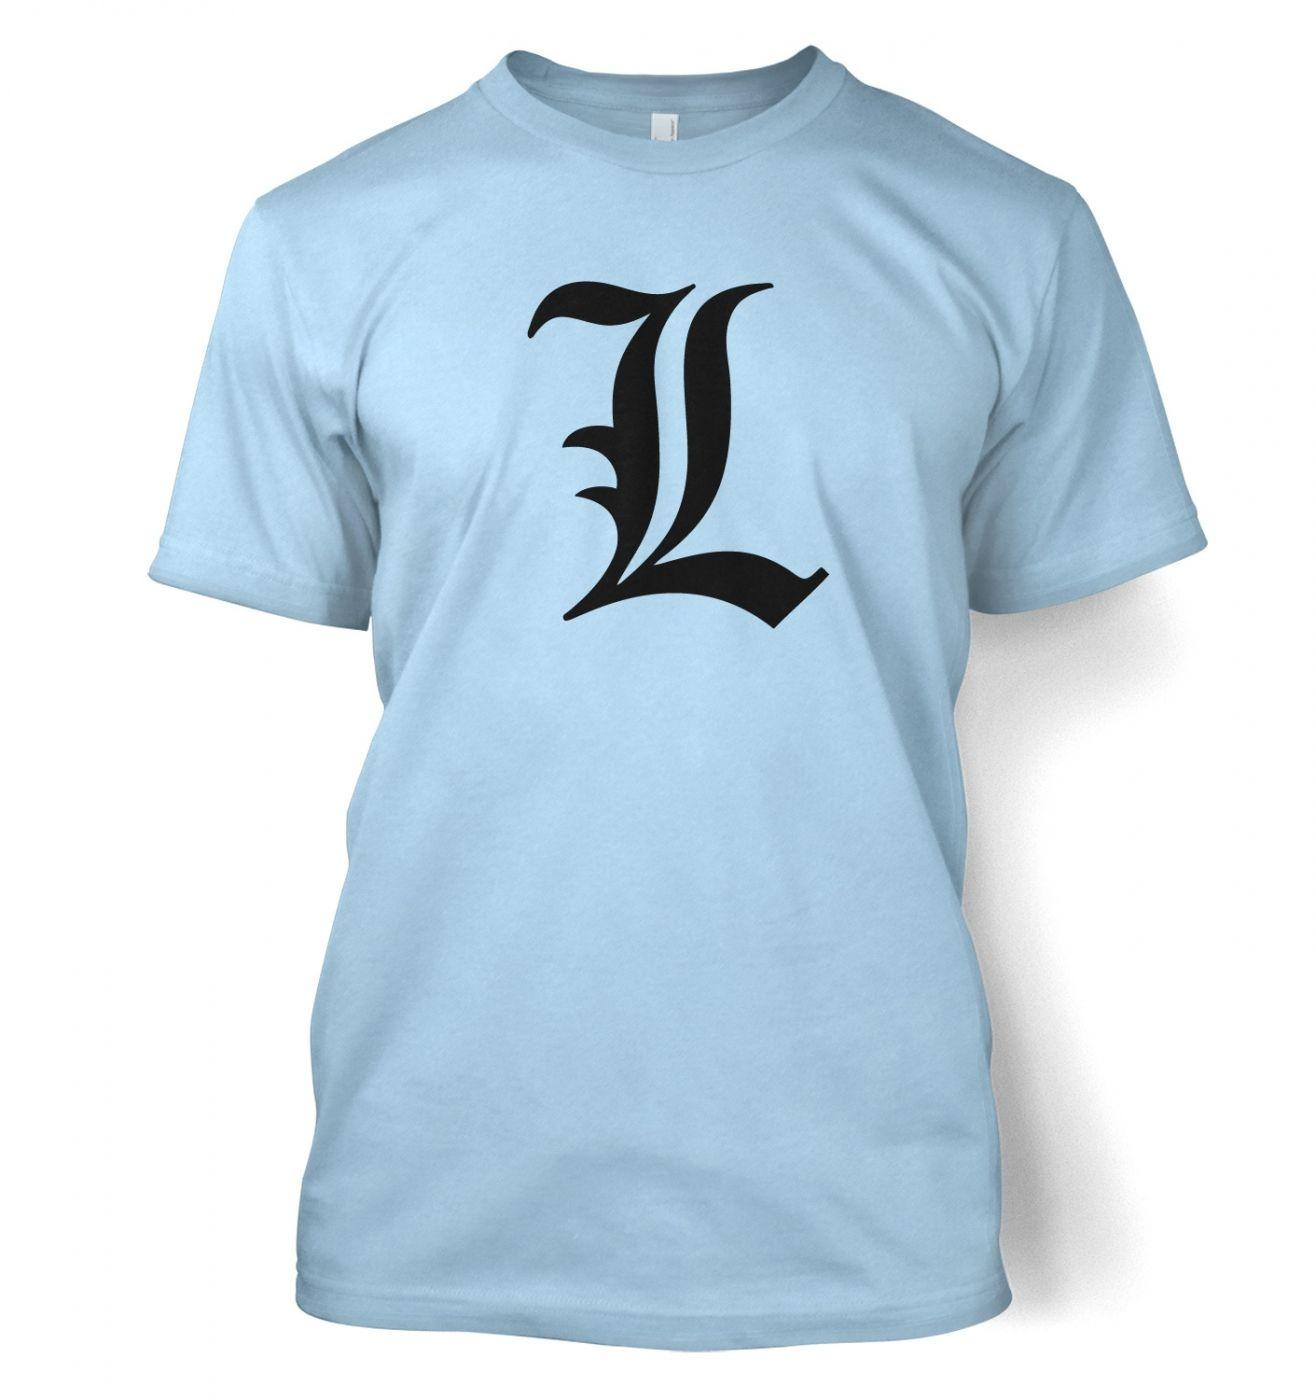 'L' men's t-shirt